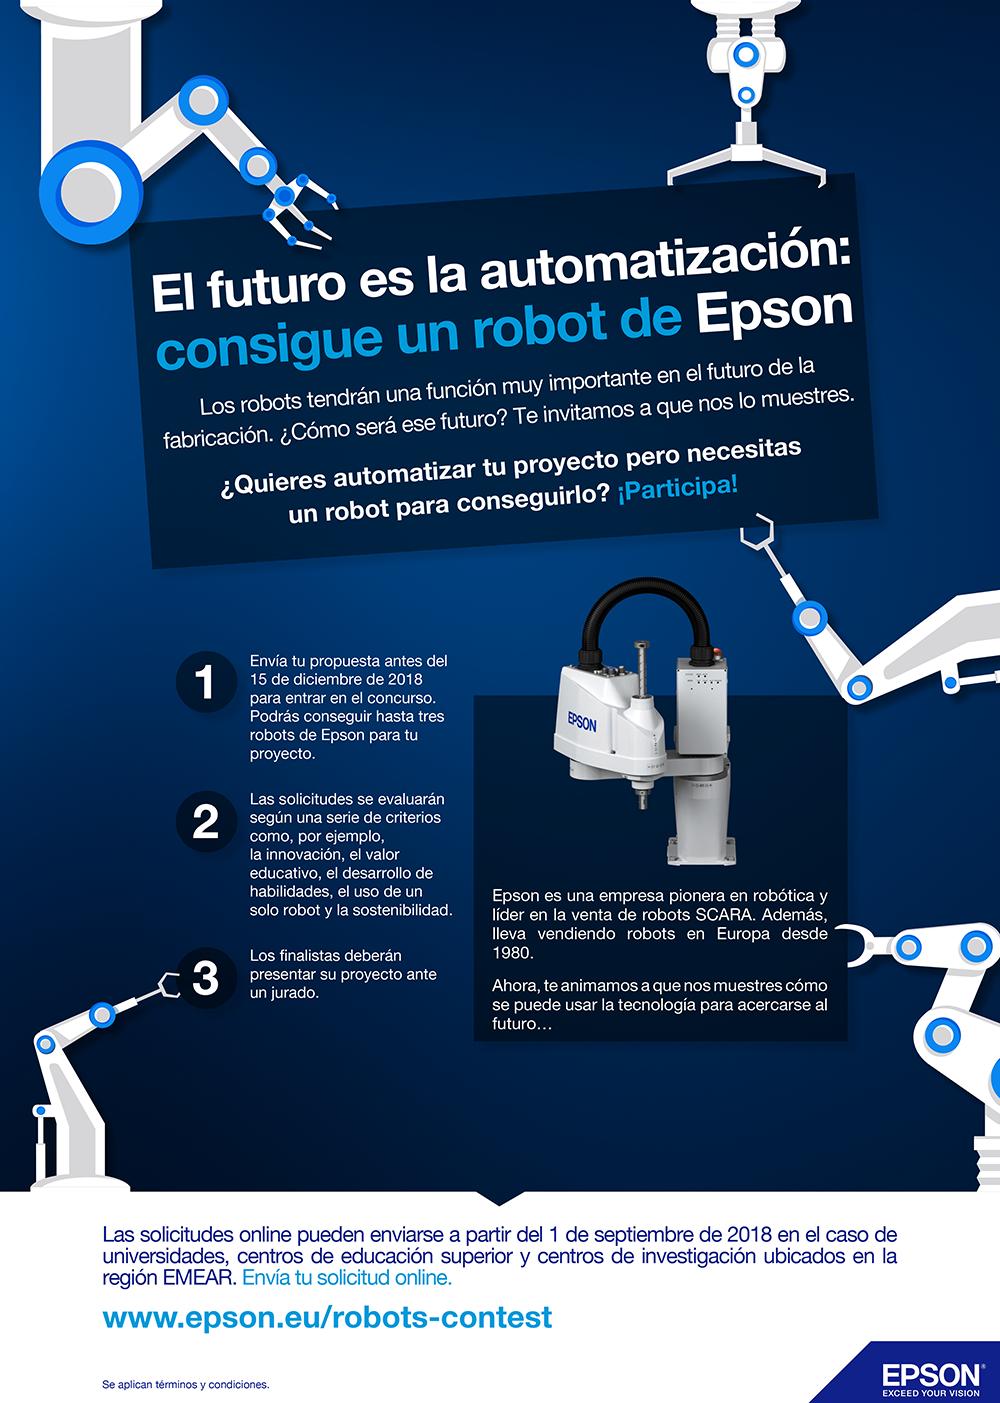 A8297-flyer-cropped-es-ES-Win_An_Epson_Robot_Poster_baixa